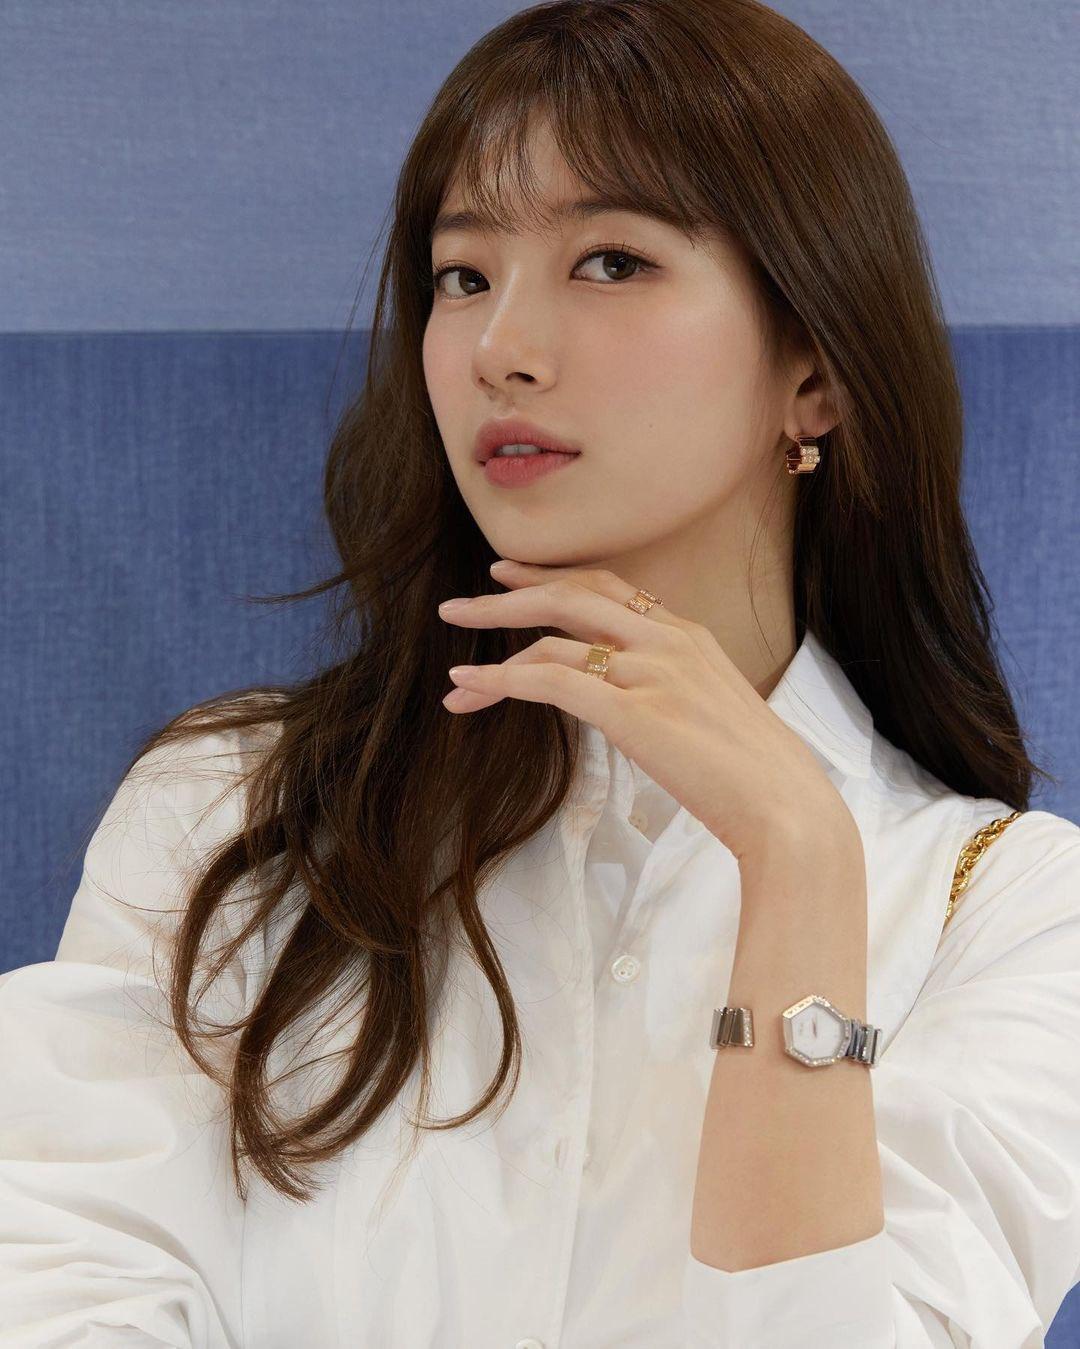 """Vượt mặt Jisoo, Suzy mới là sao Hàn được Dior ưu ái đến độ đặc biệt """"độc nhất vô nhị"""" như thế này - Ảnh 1."""